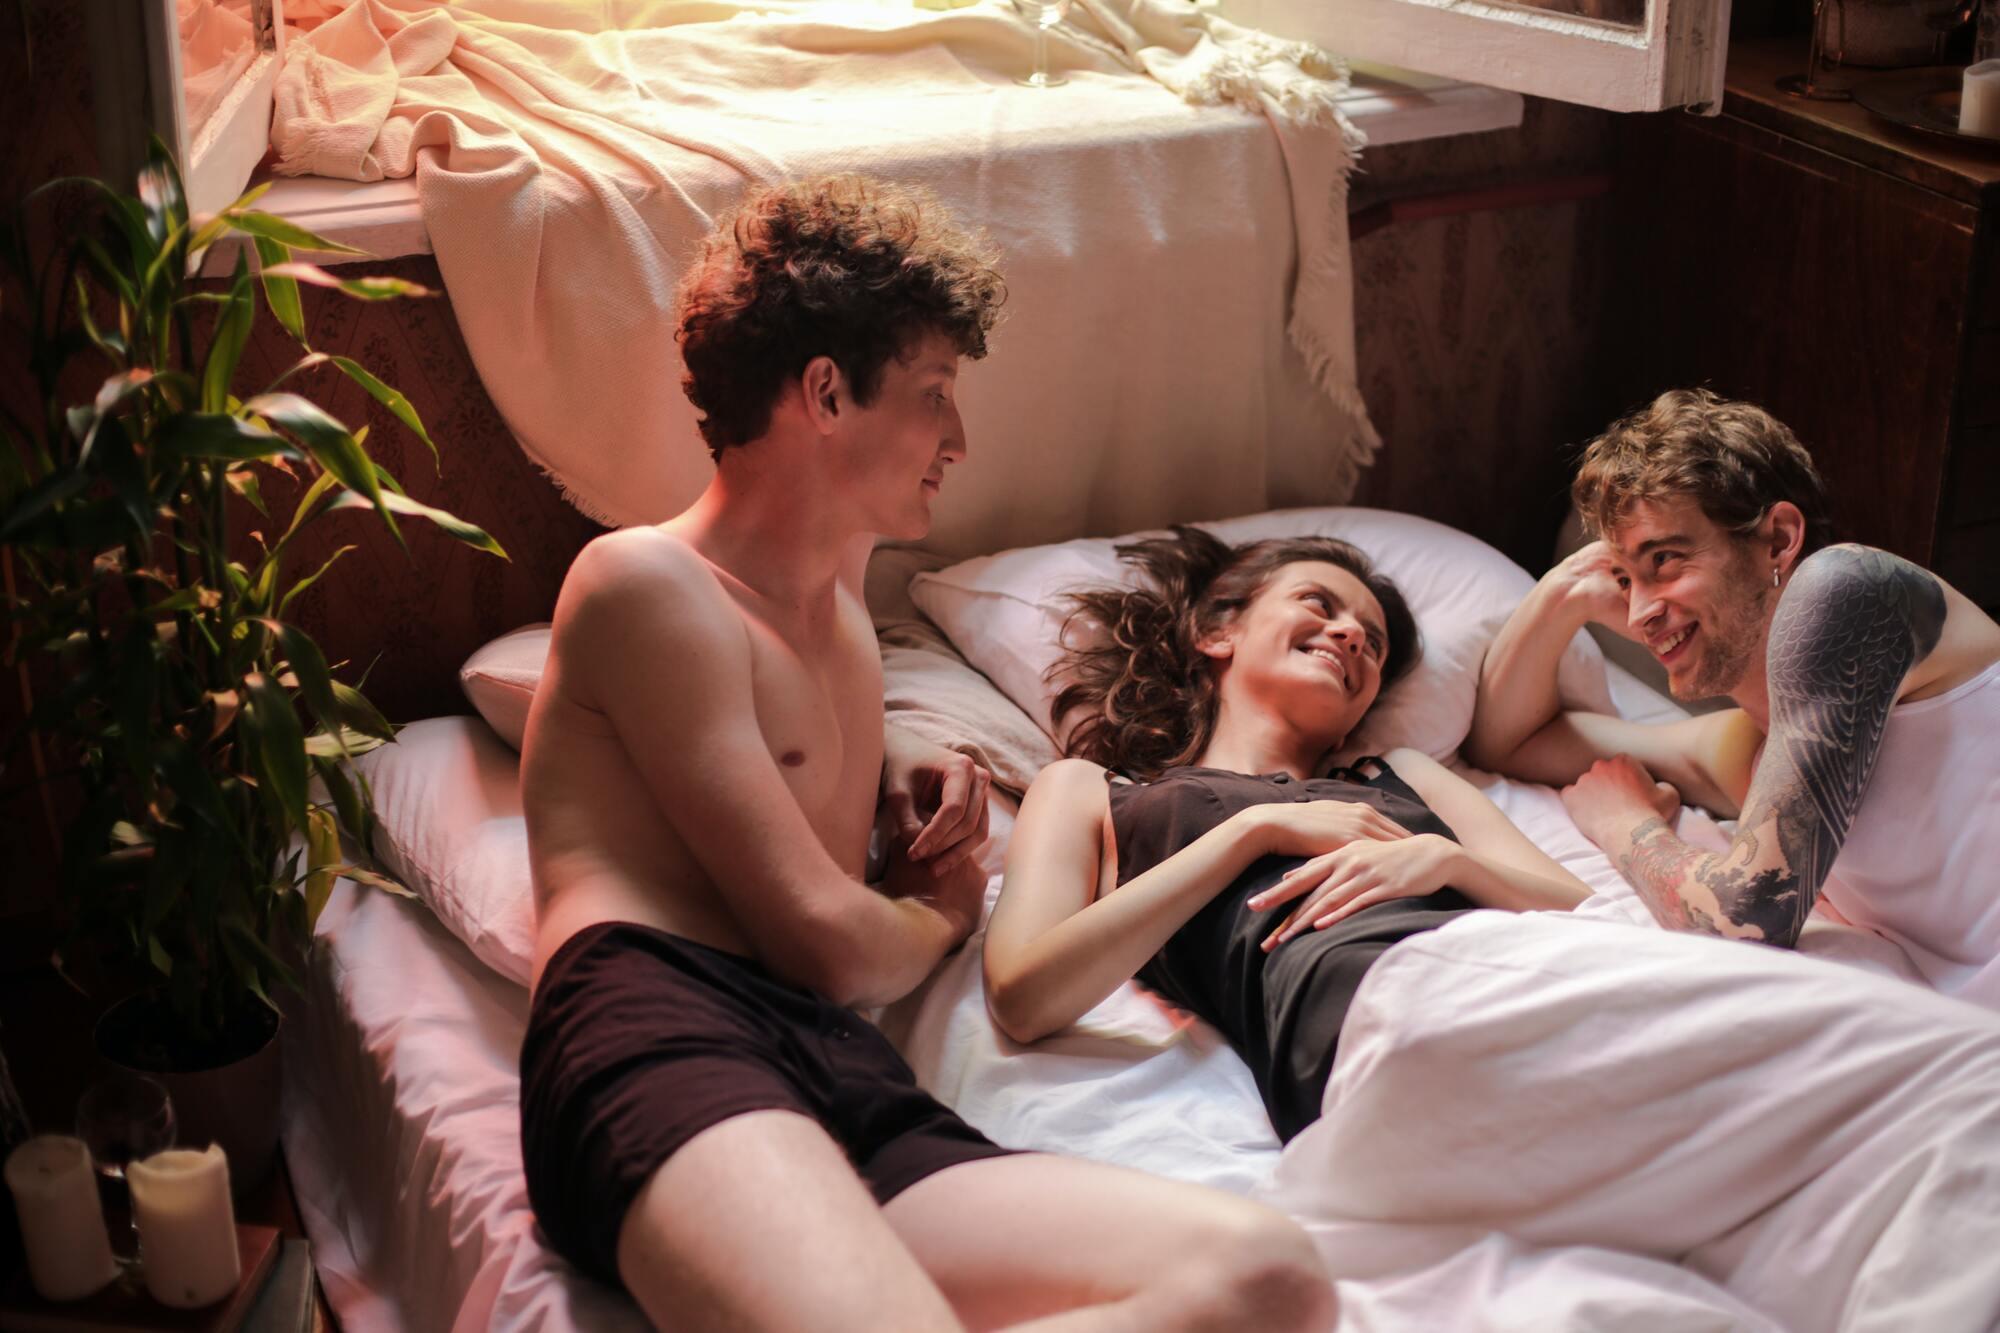 Нет ничего страшного, если женщина пытается лучше узнать свои потребности в сексе с разными партнерами